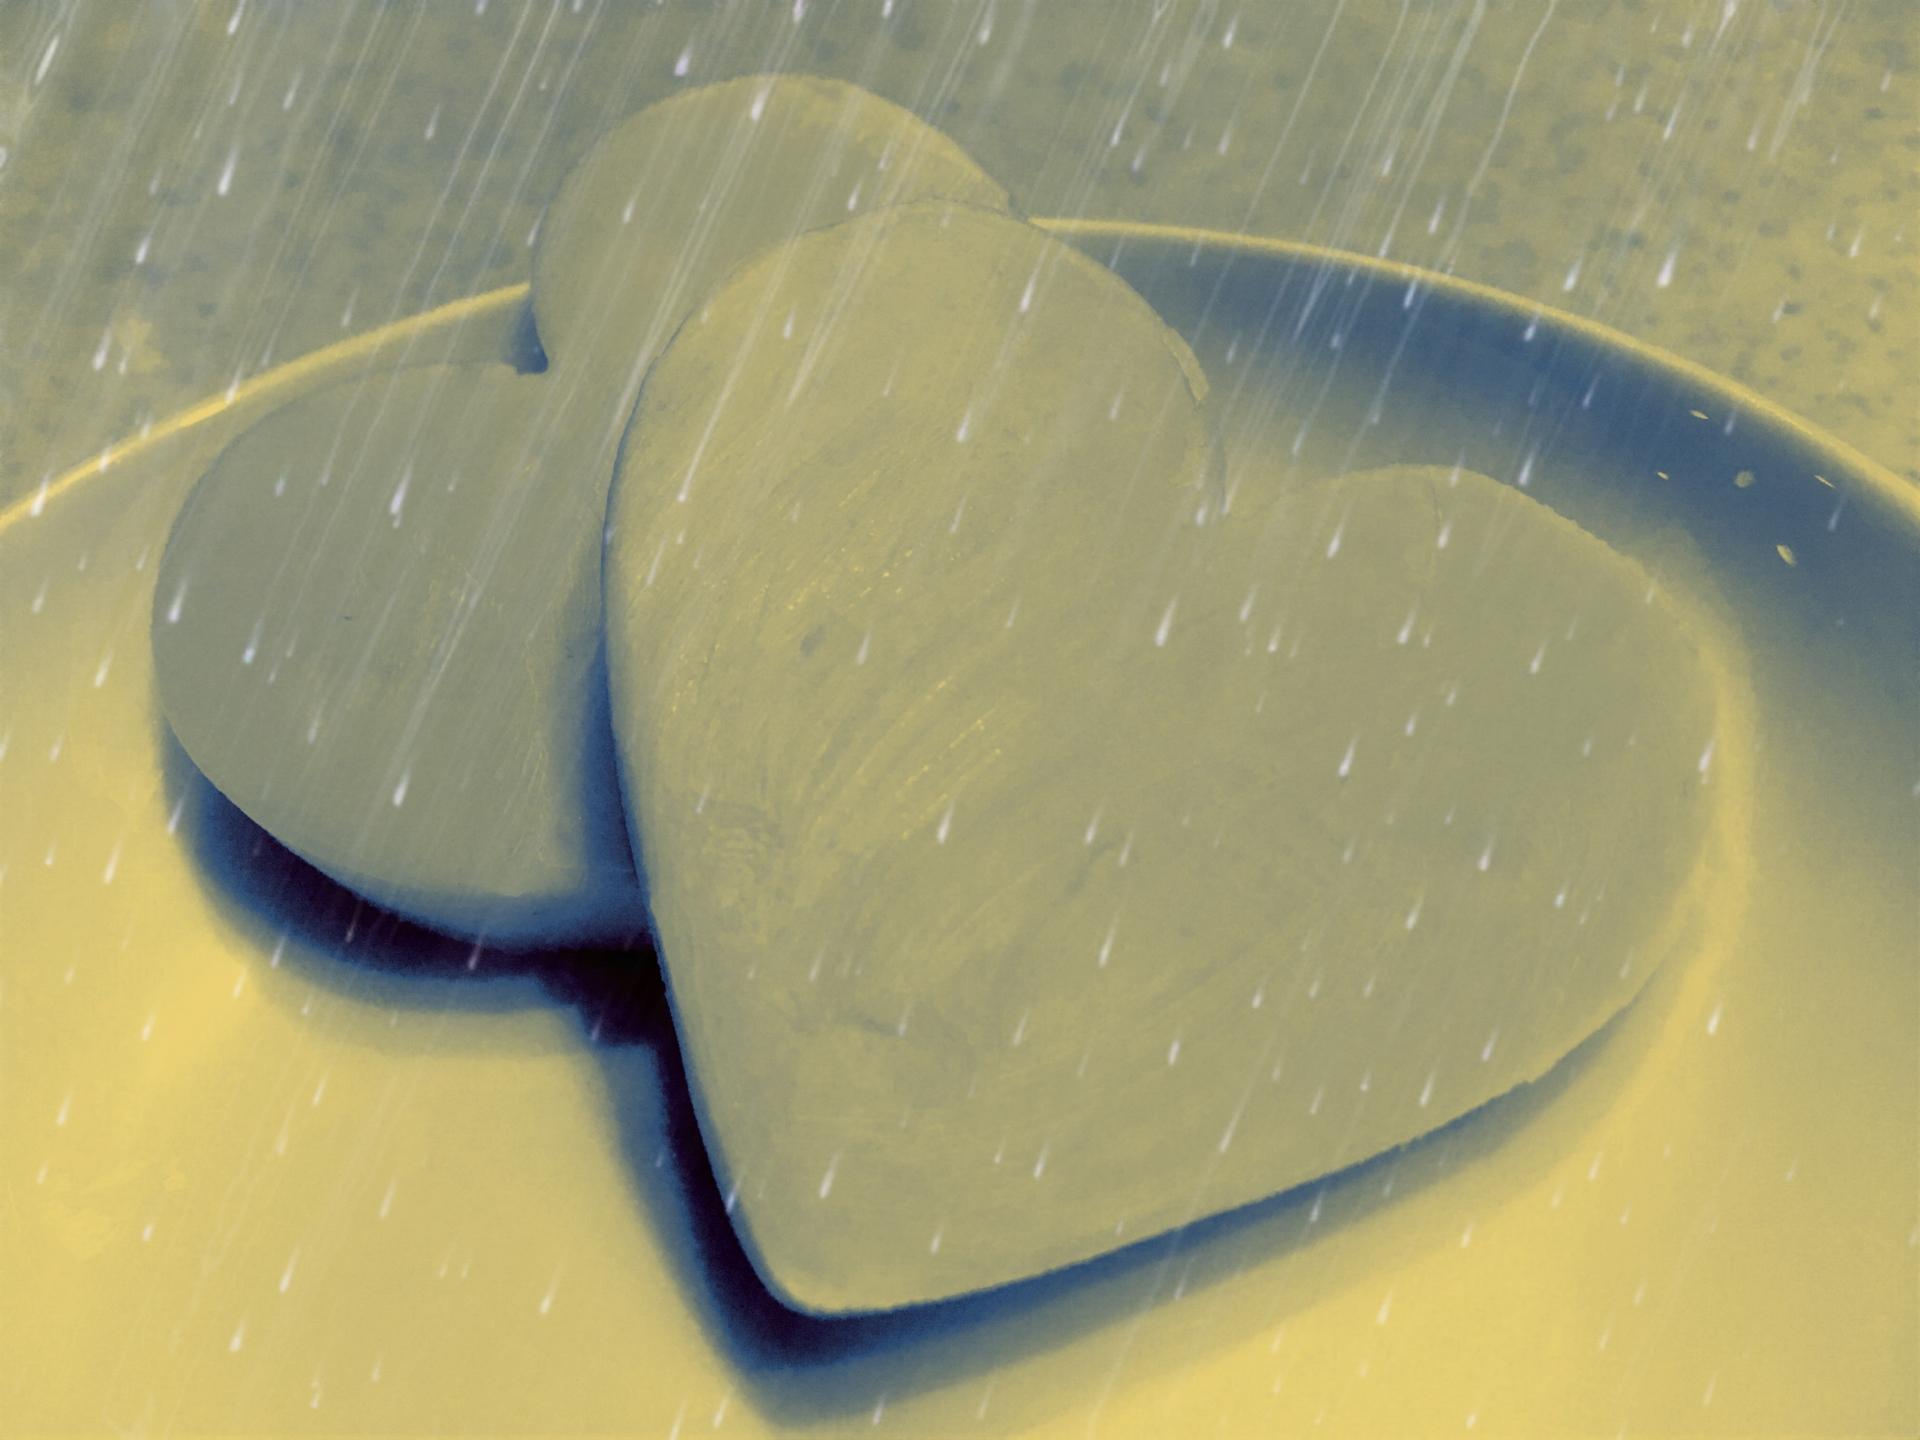 不倫占い|泣かずに済むと思っている?純愛不倫の顛末◆相手の全本心